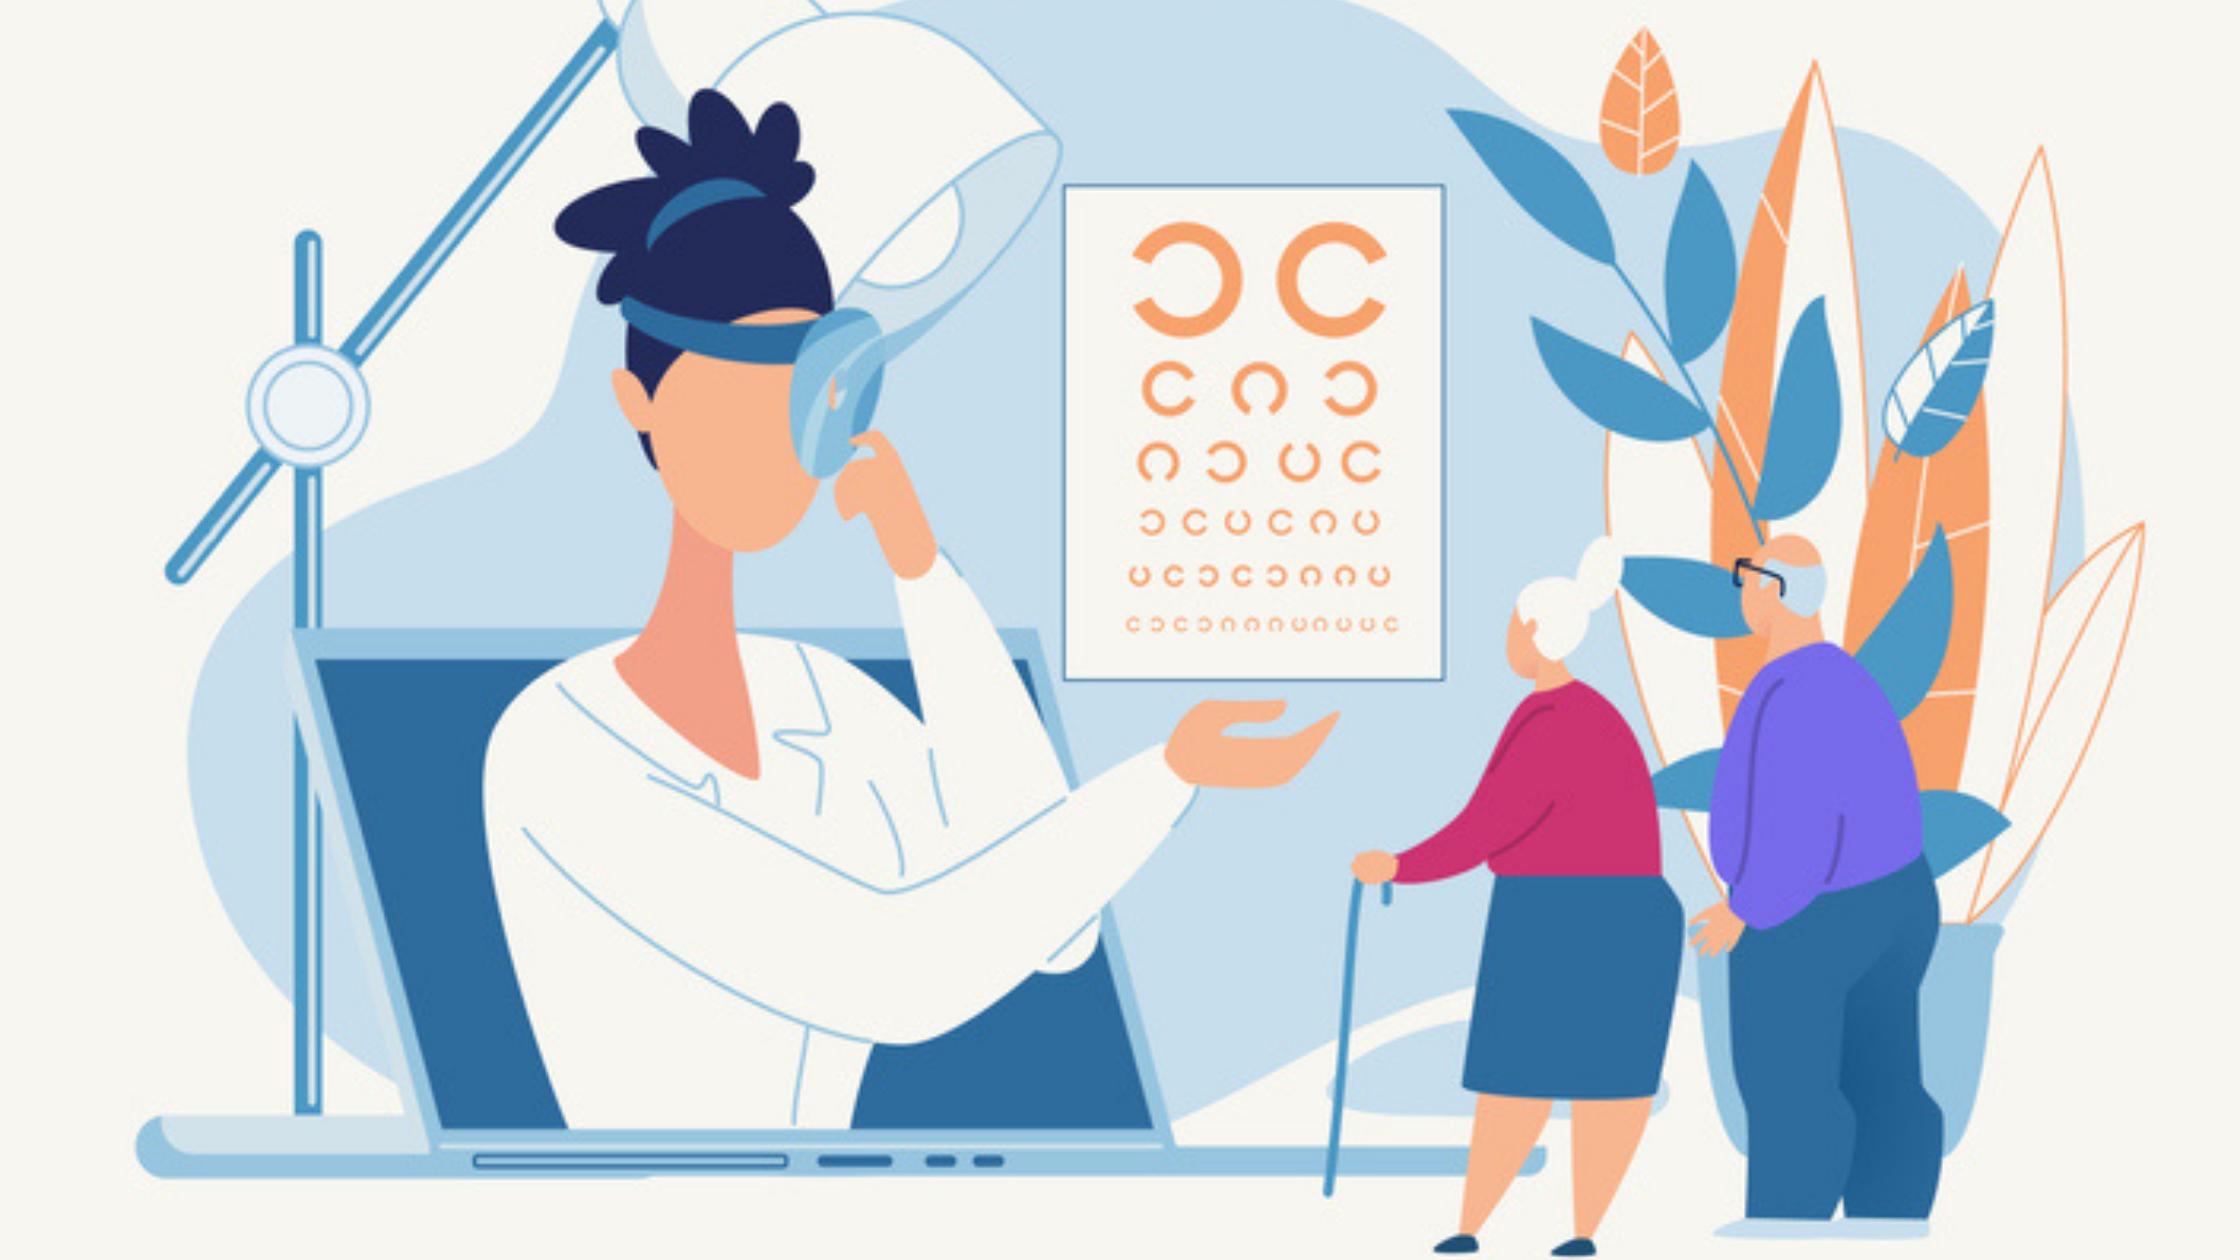 optometric practice metrics